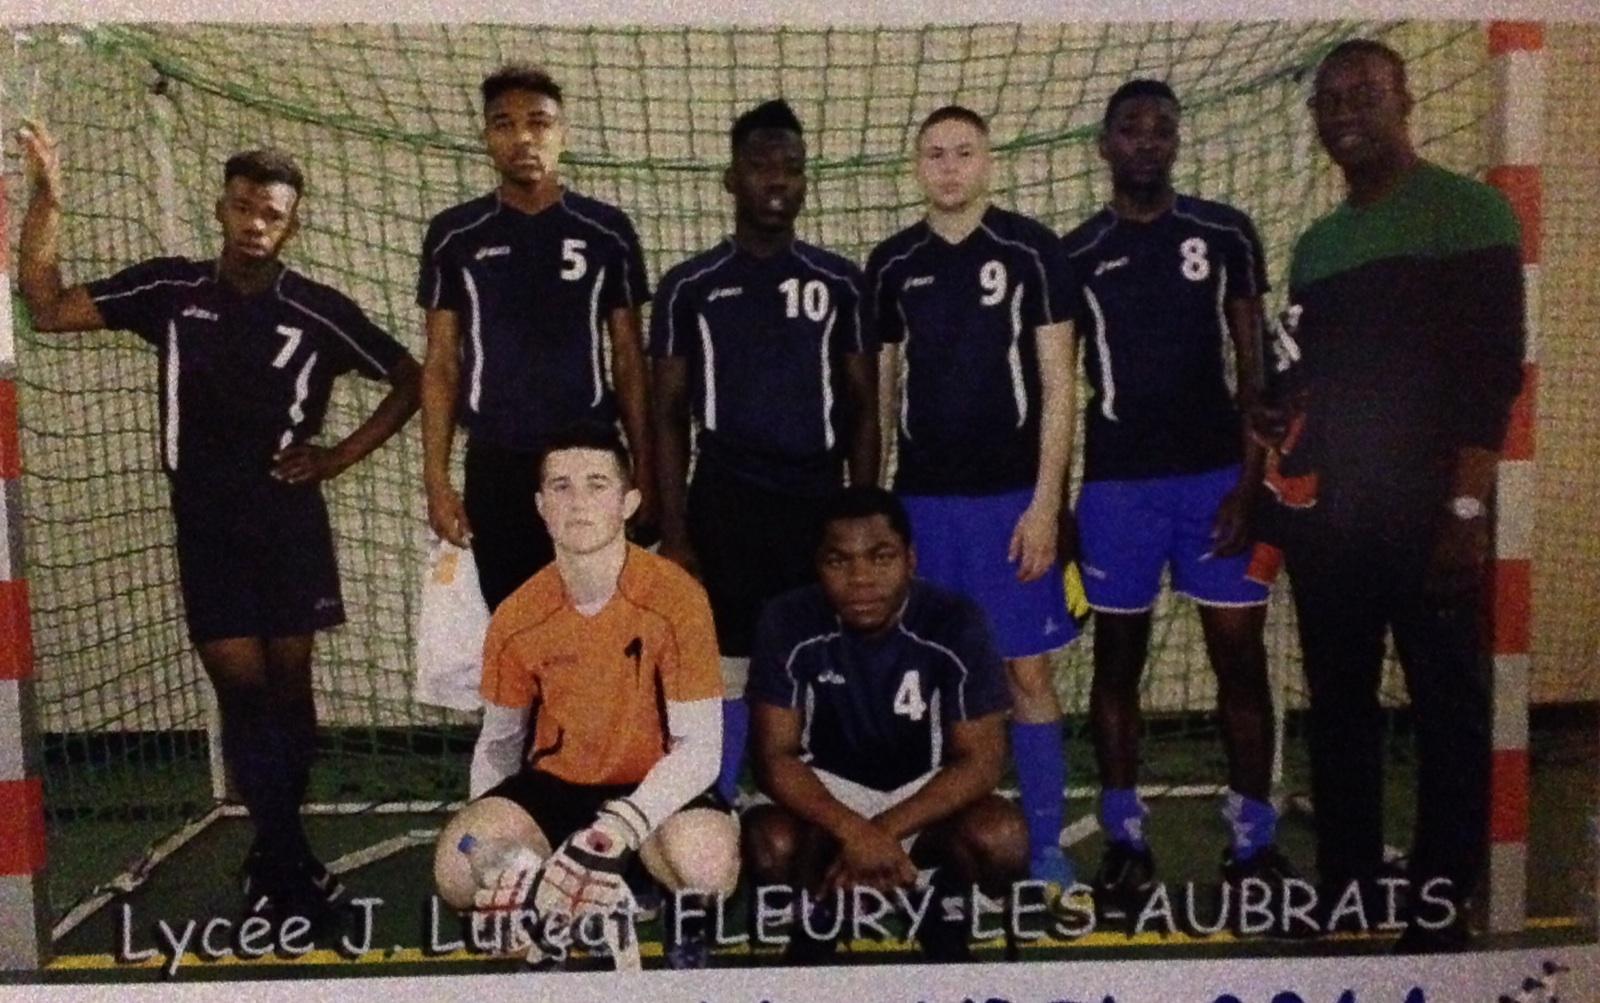 Le lycée Jean Lurçat aux championnats de France 2014